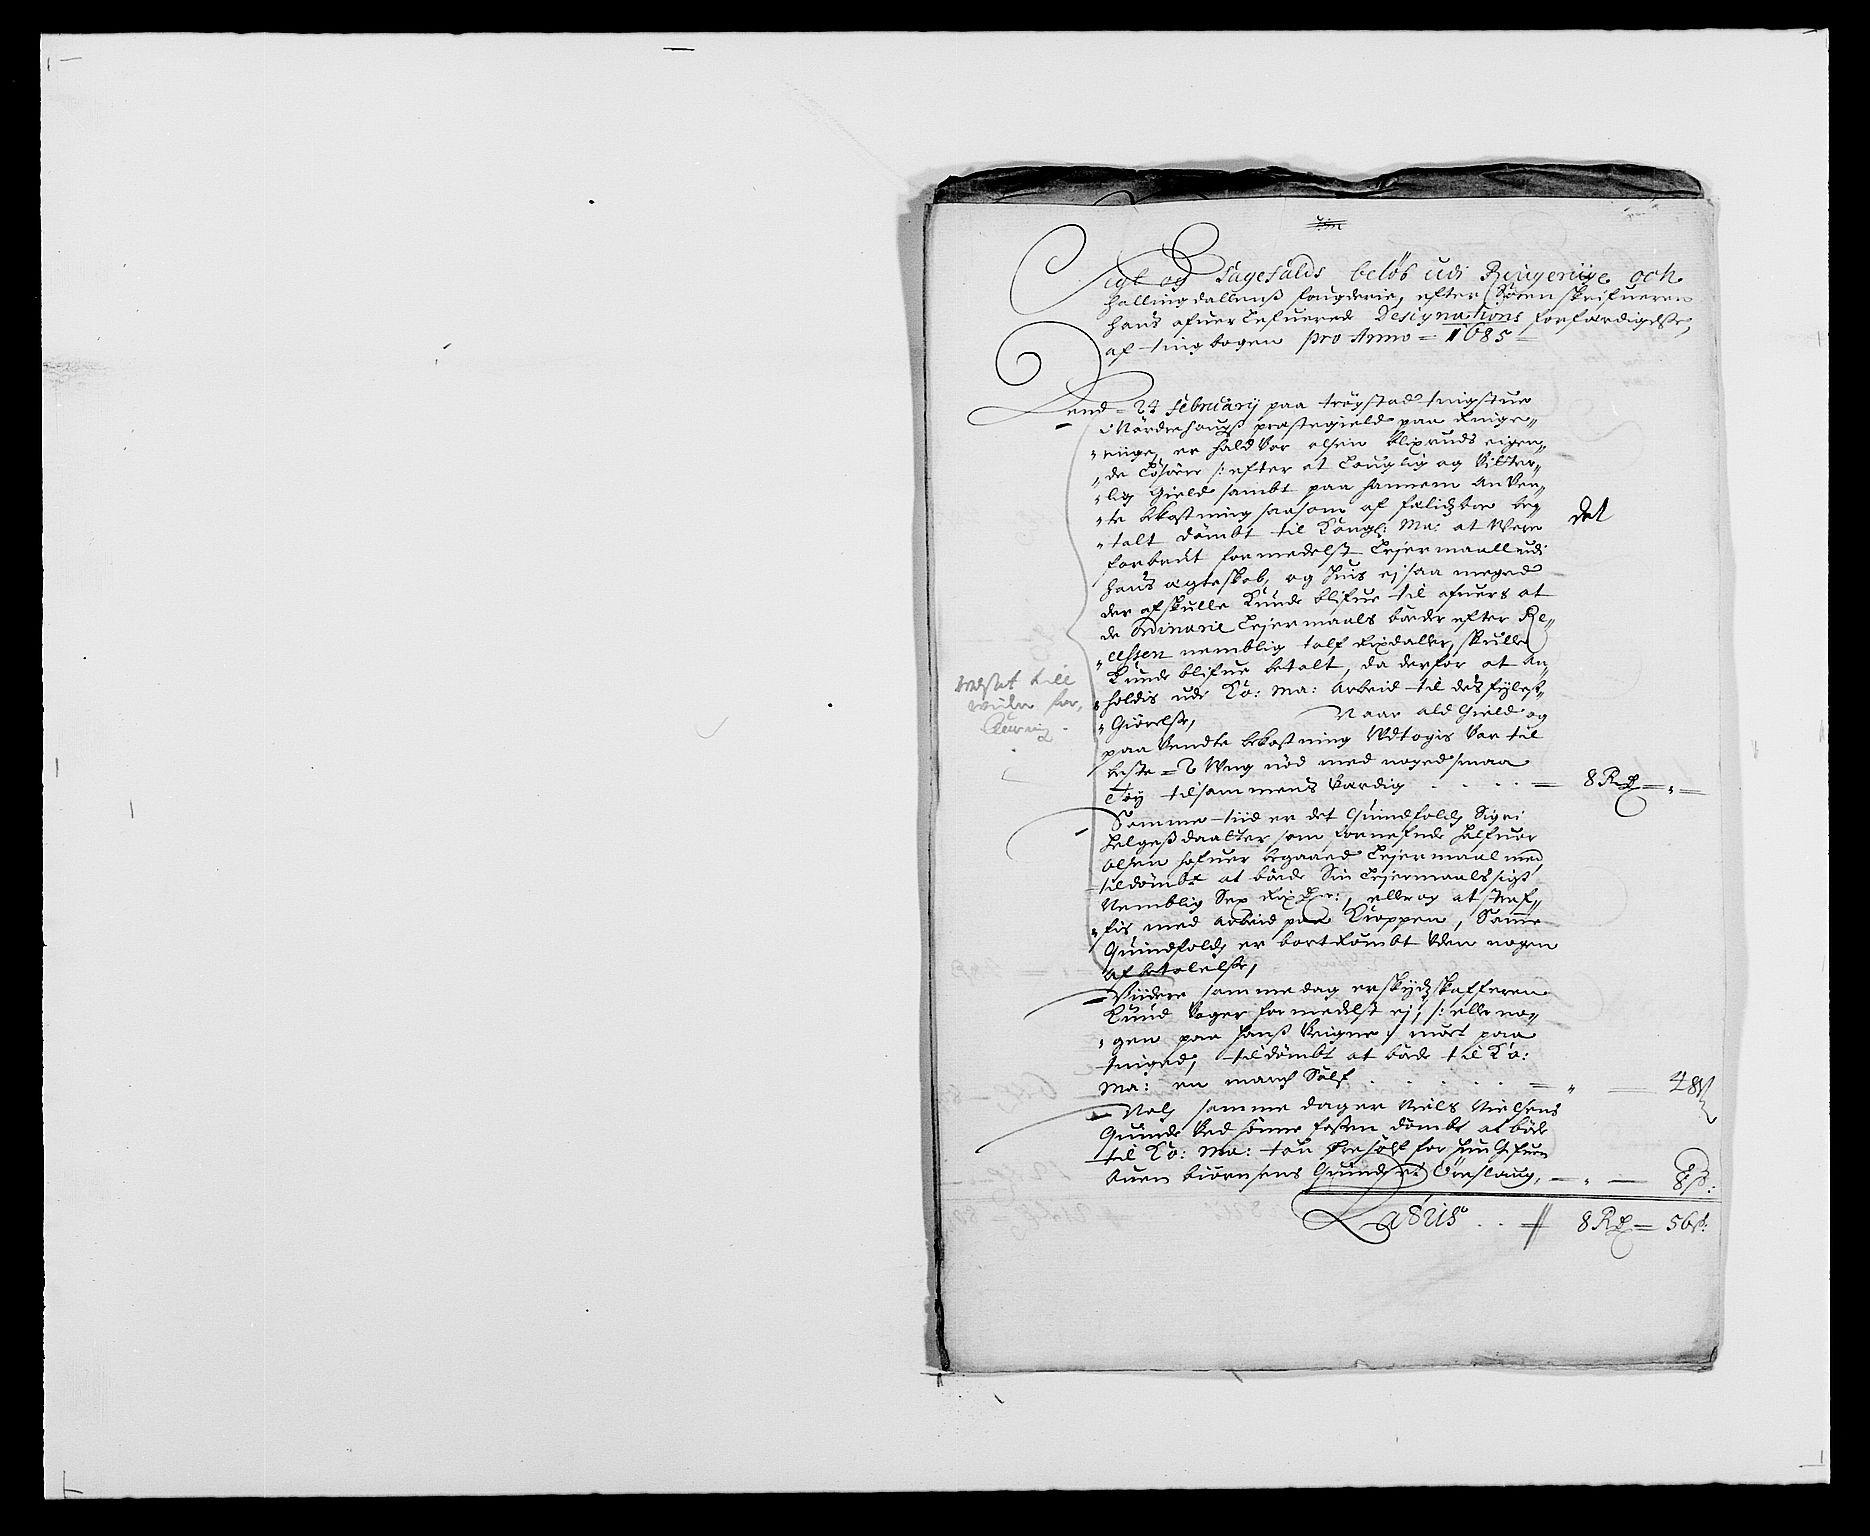 RA, Rentekammeret inntil 1814, Reviderte regnskaper, Fogderegnskap, R21/L1446: Fogderegnskap Ringerike og Hallingdal, 1683-1686, s. 330